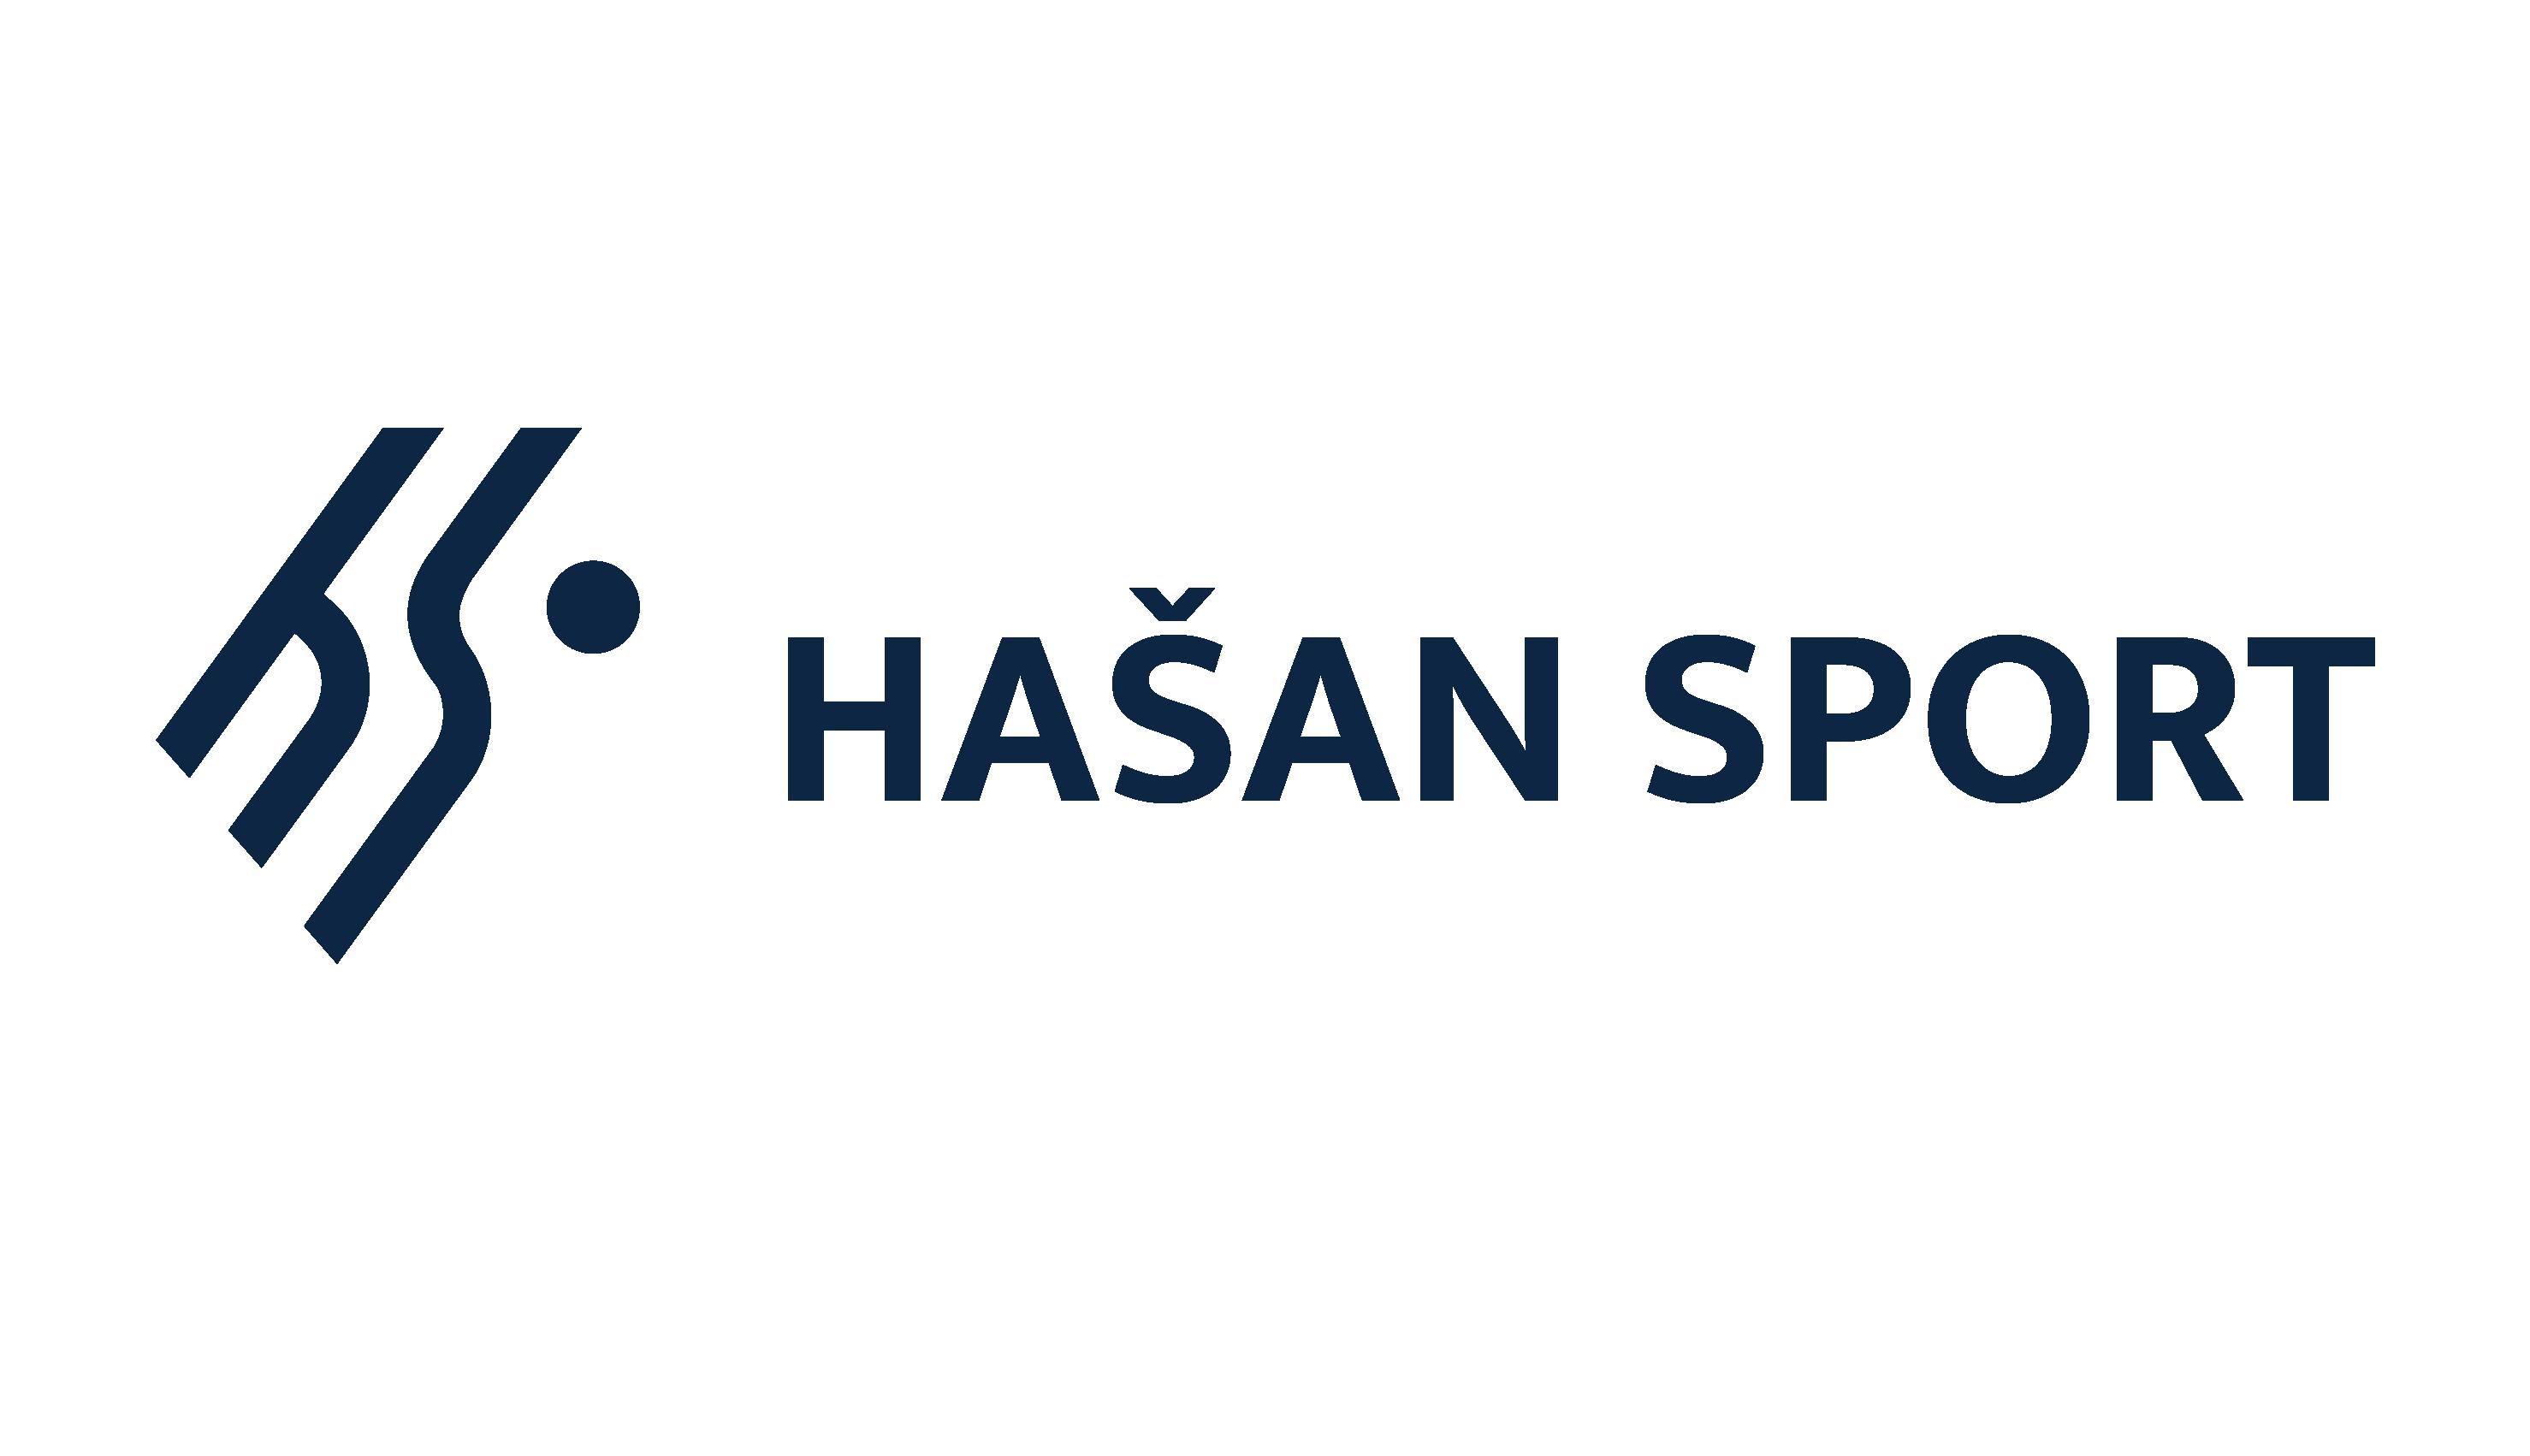 Hašan Sport